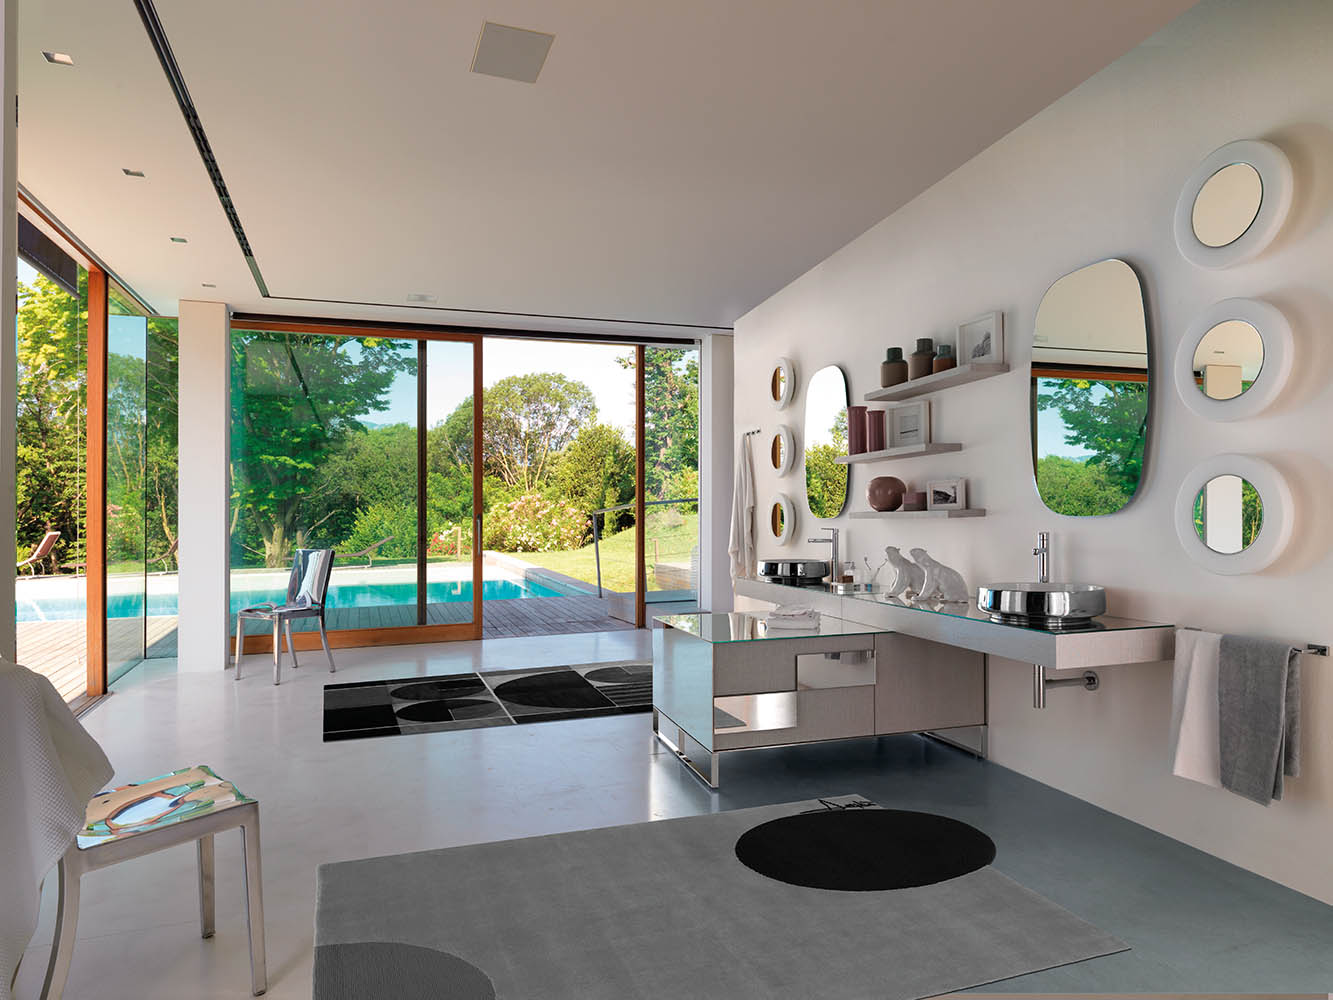 Accessoire Salle De Bain Zone ~ la salle de bain se fait une beaut deco actuelle